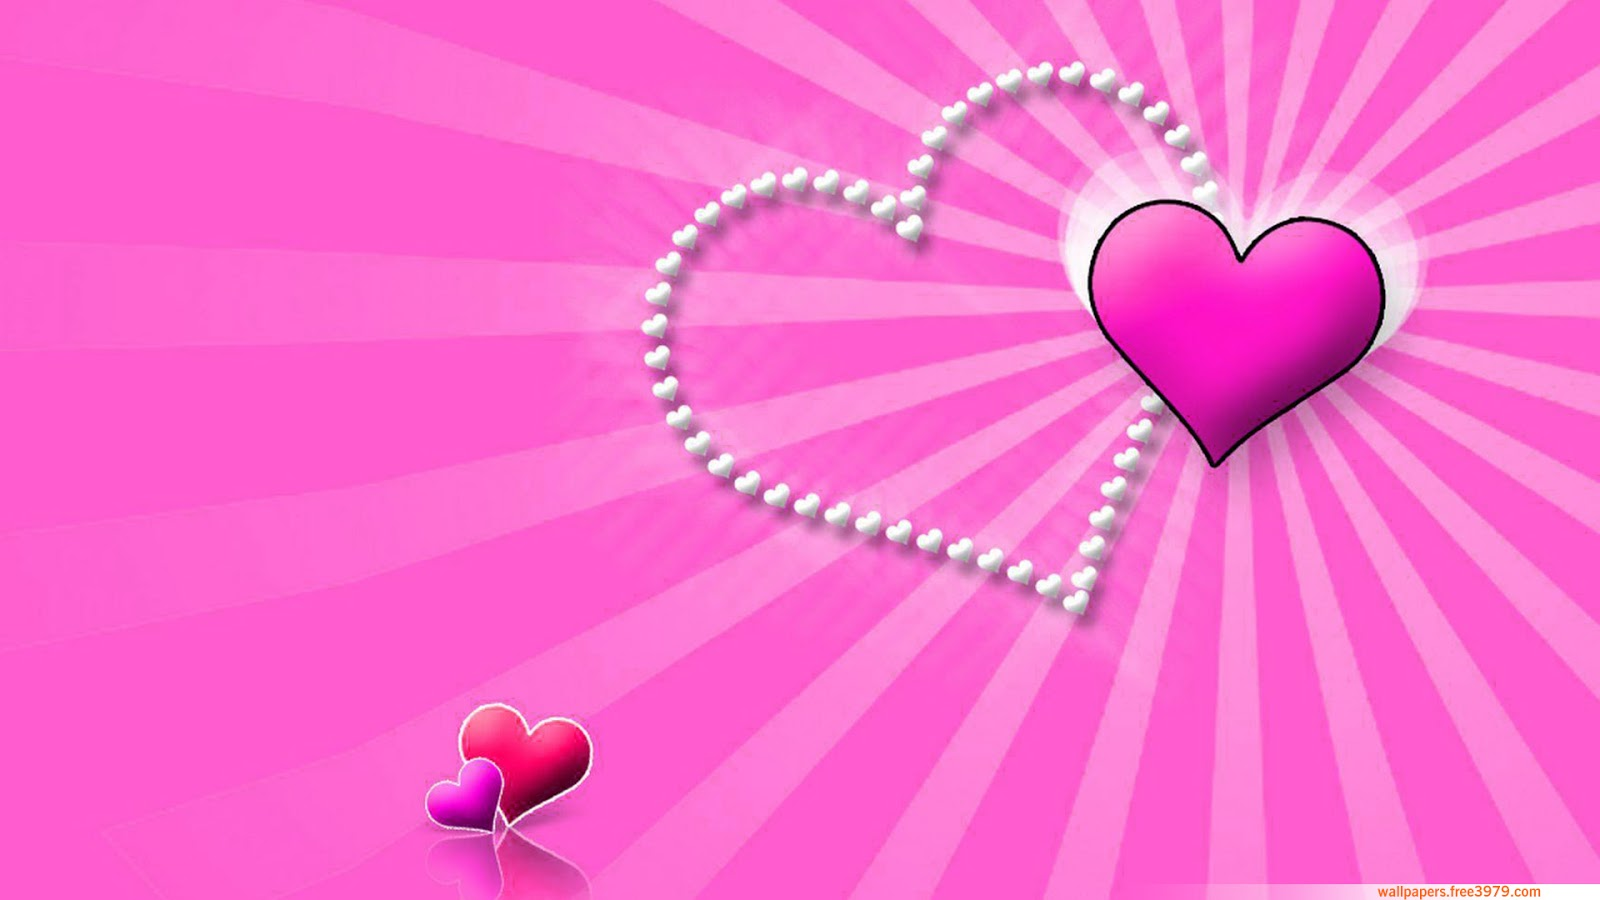 URL httpwallpapersfree3979com201301400 beautiful valentines 1600x900